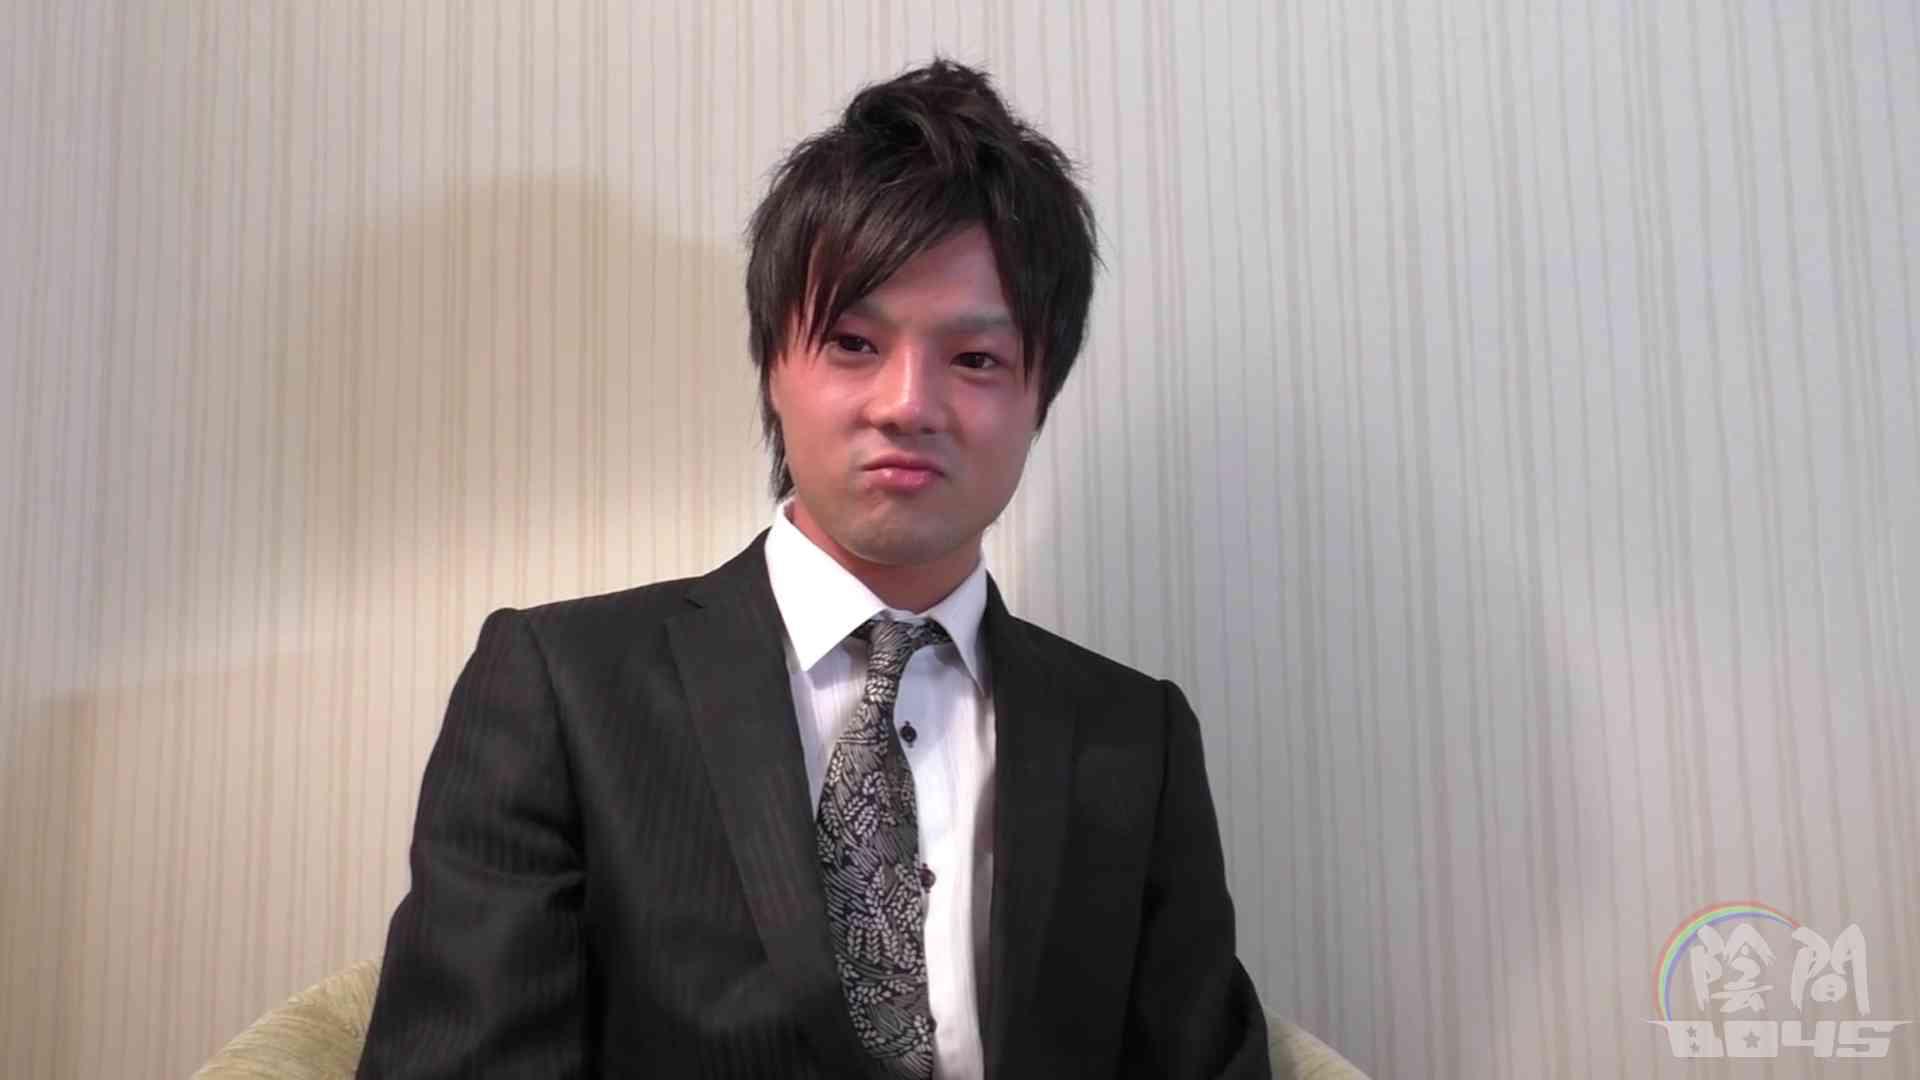 """キャバクラの仕事は""""アナル""""から1 Vol.03 HTDV ゲイエロビデオ画像 76pic 46"""